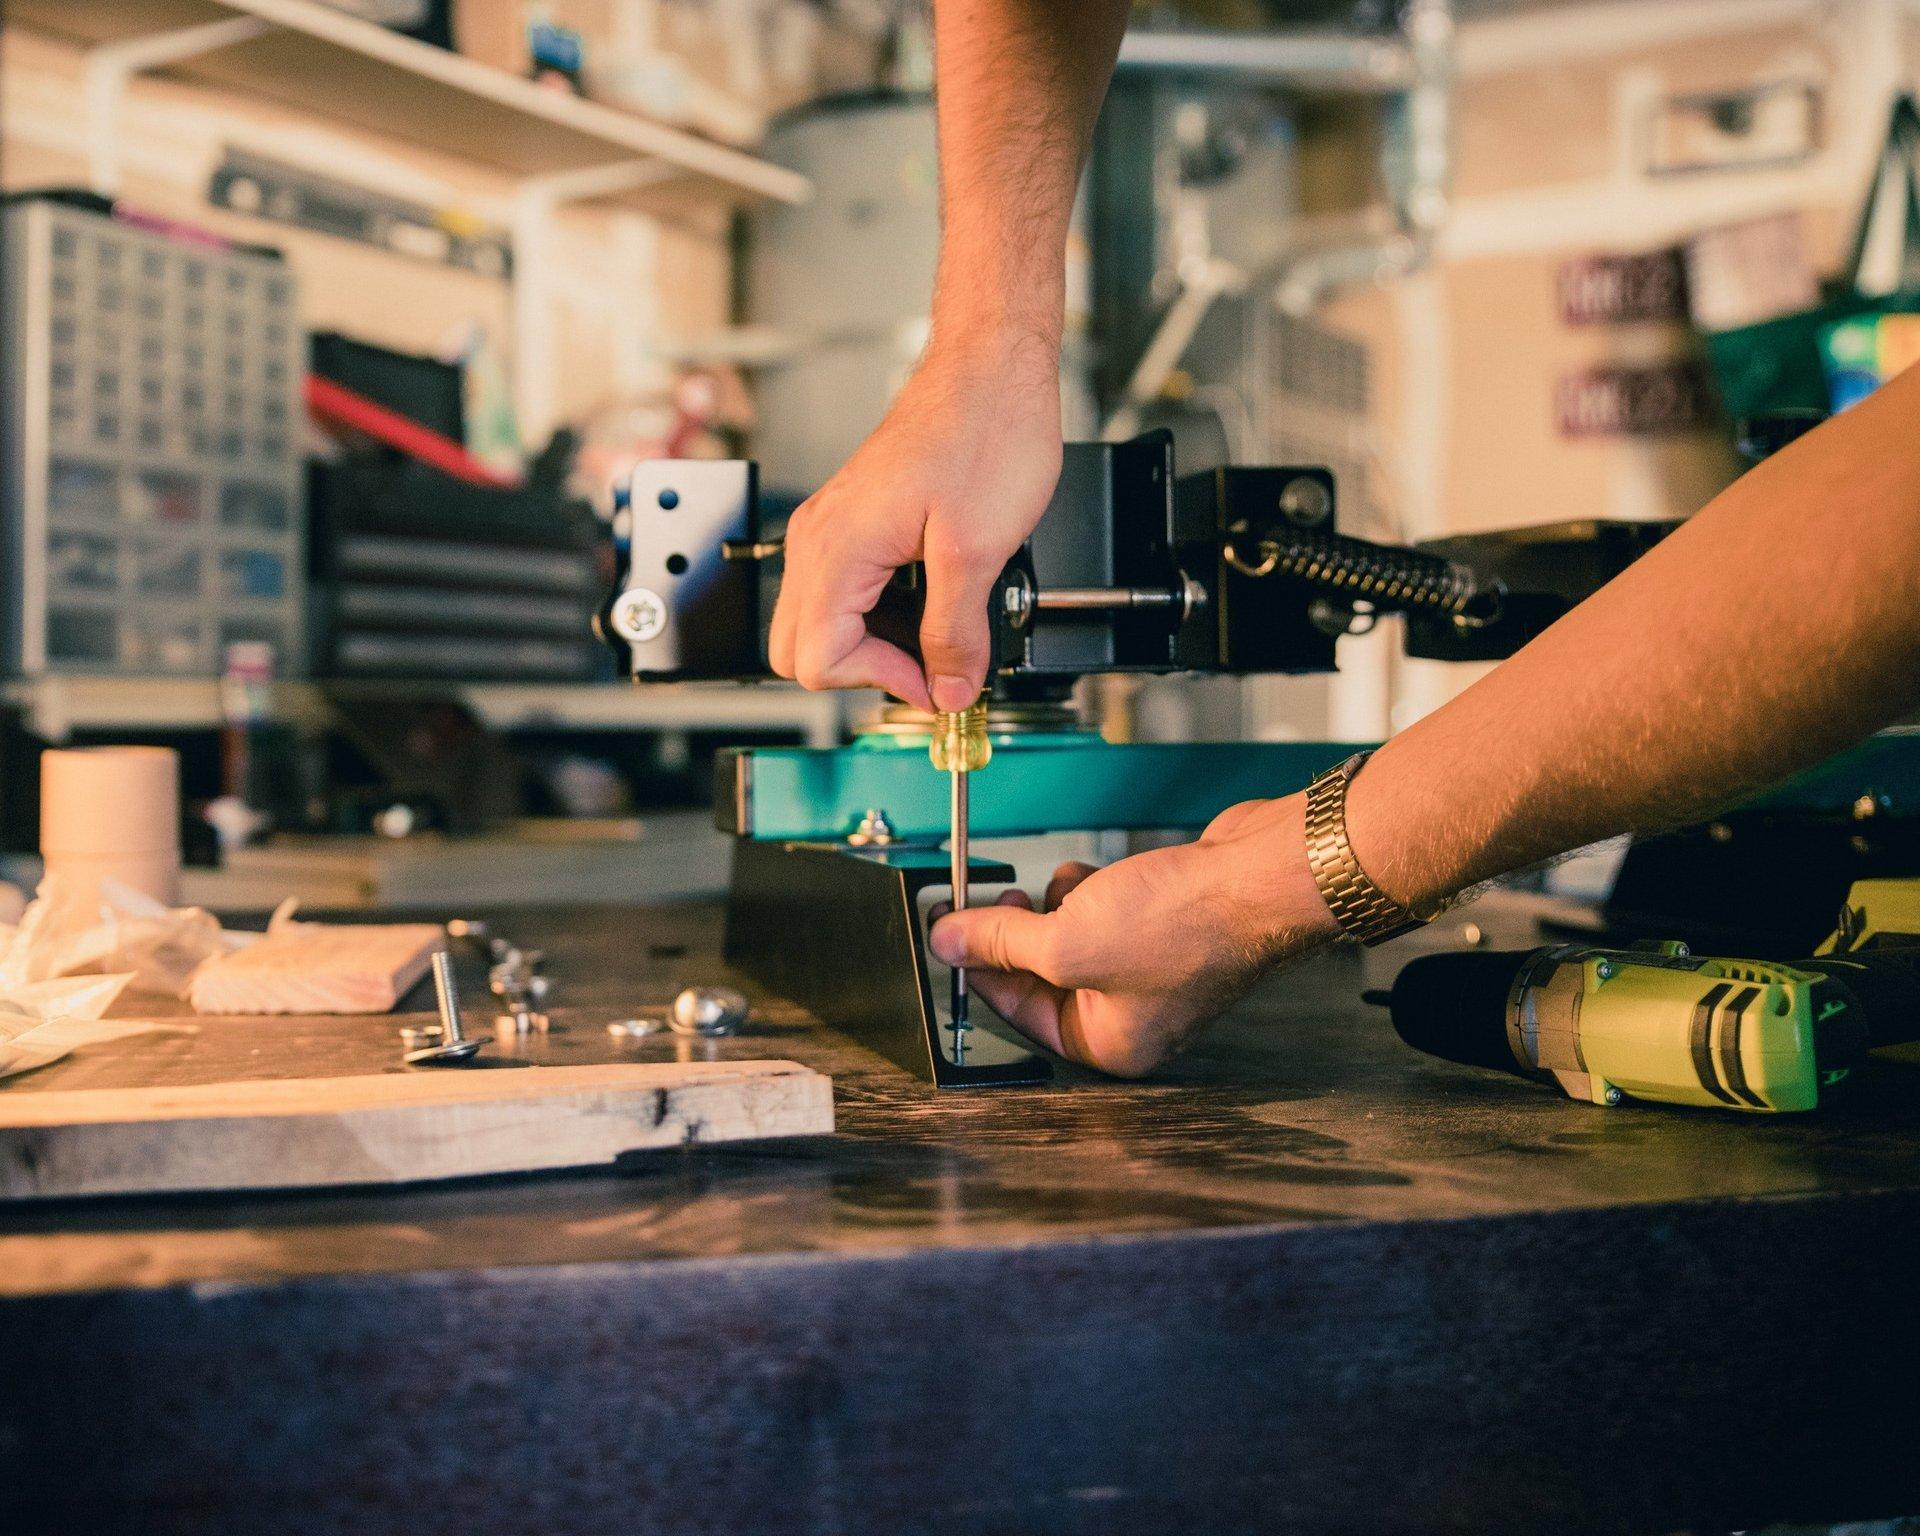 Installazione impianti di condizionamento a Cinisello Balsamo